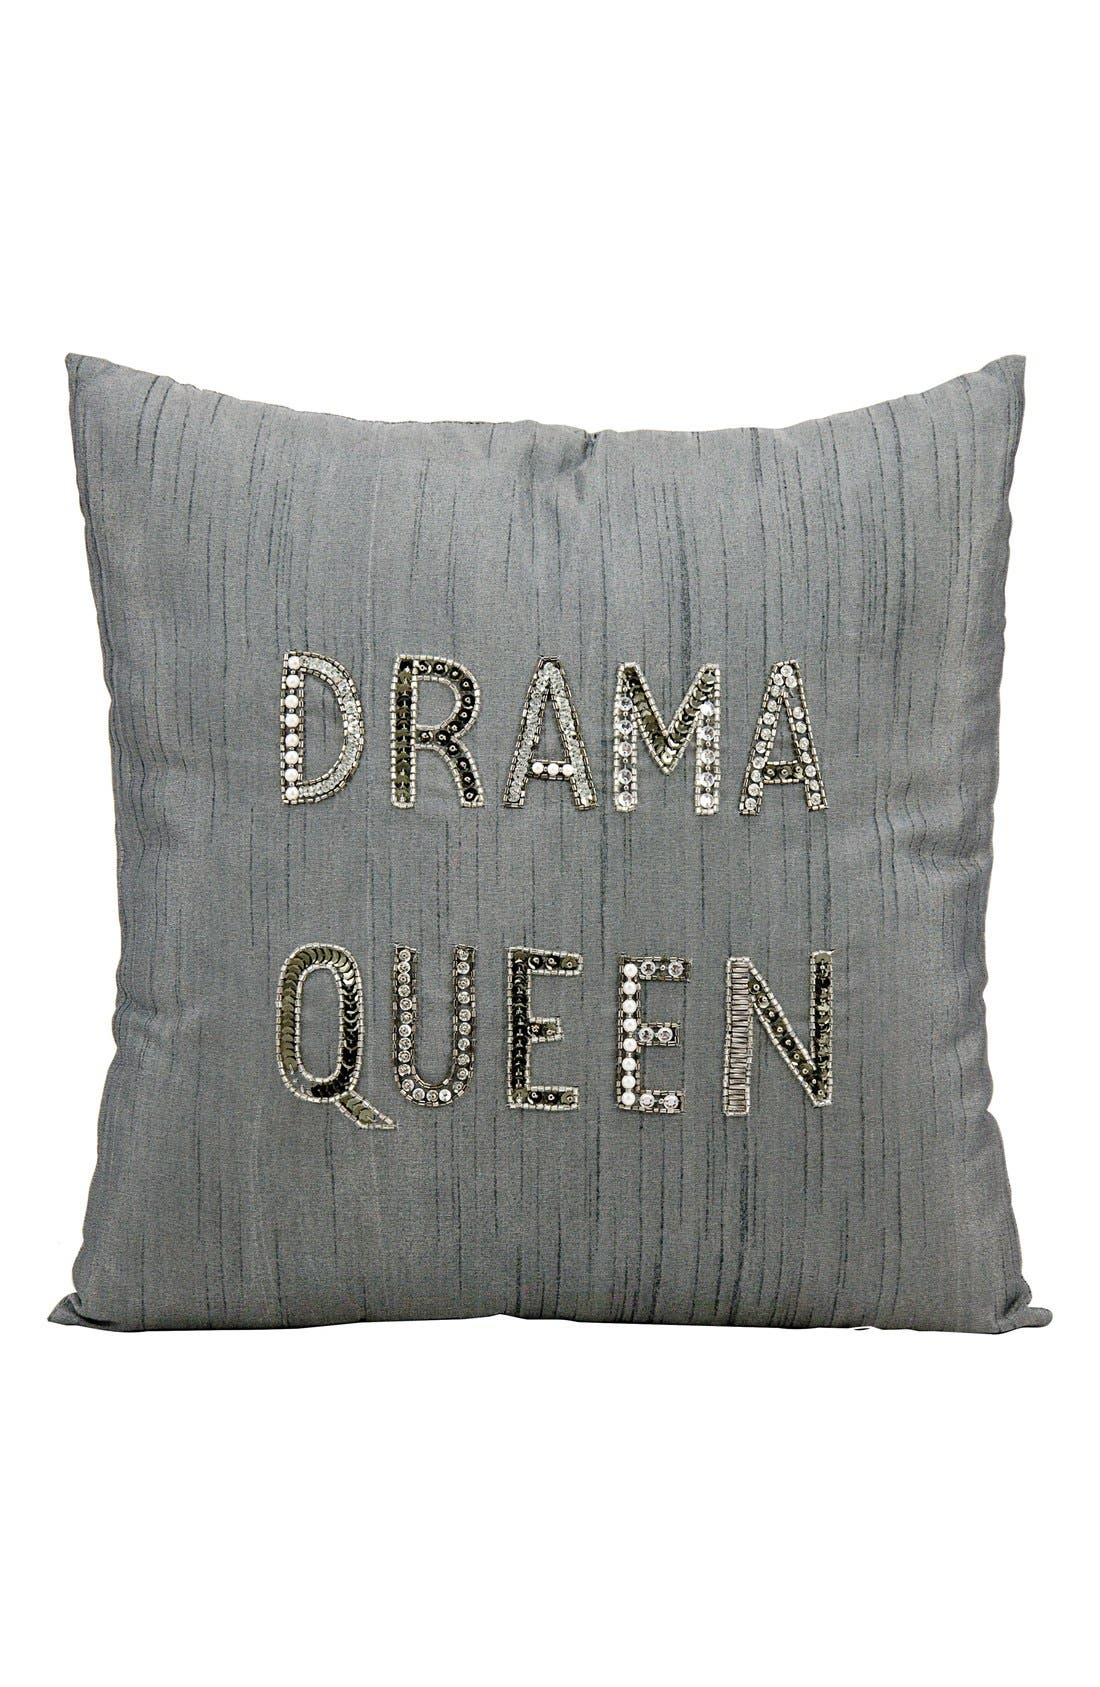 'Drama Queen' Pillow,                         Main,                         color, Silver/ Grey